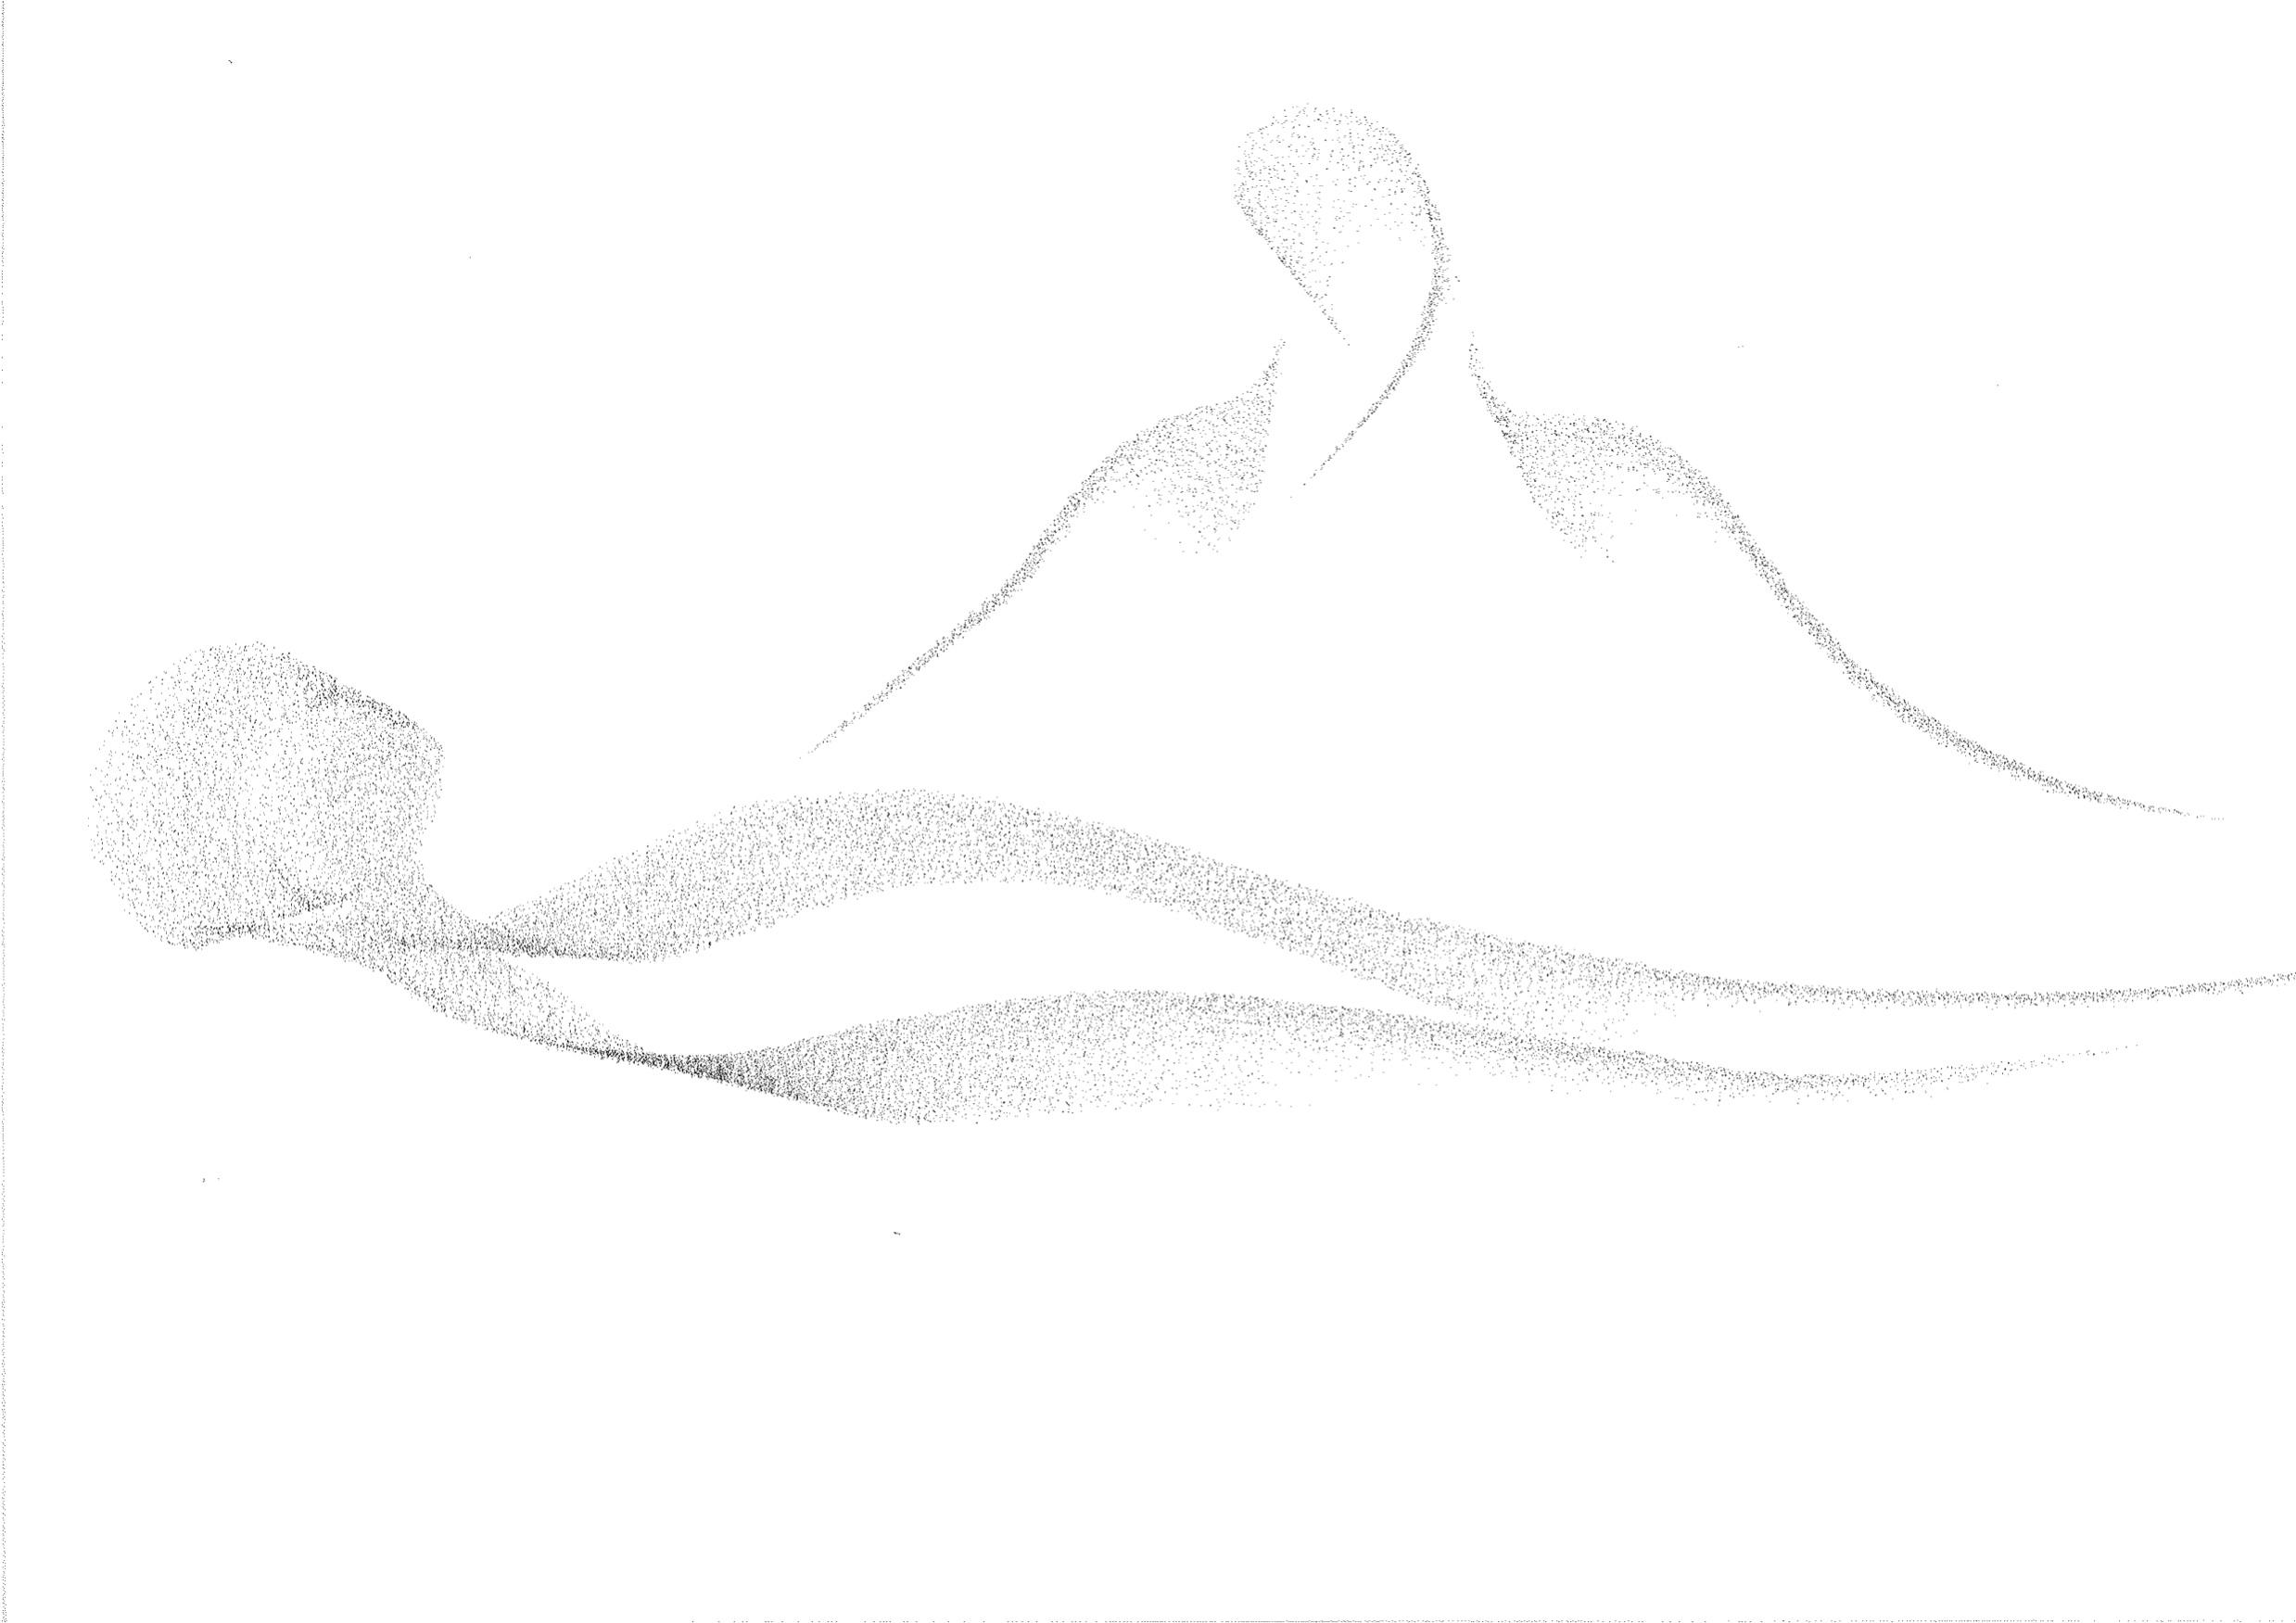 <p><span>L'amour au chevet de la mort</span>, 2013<br>Format: 58 x 47 cm</p>